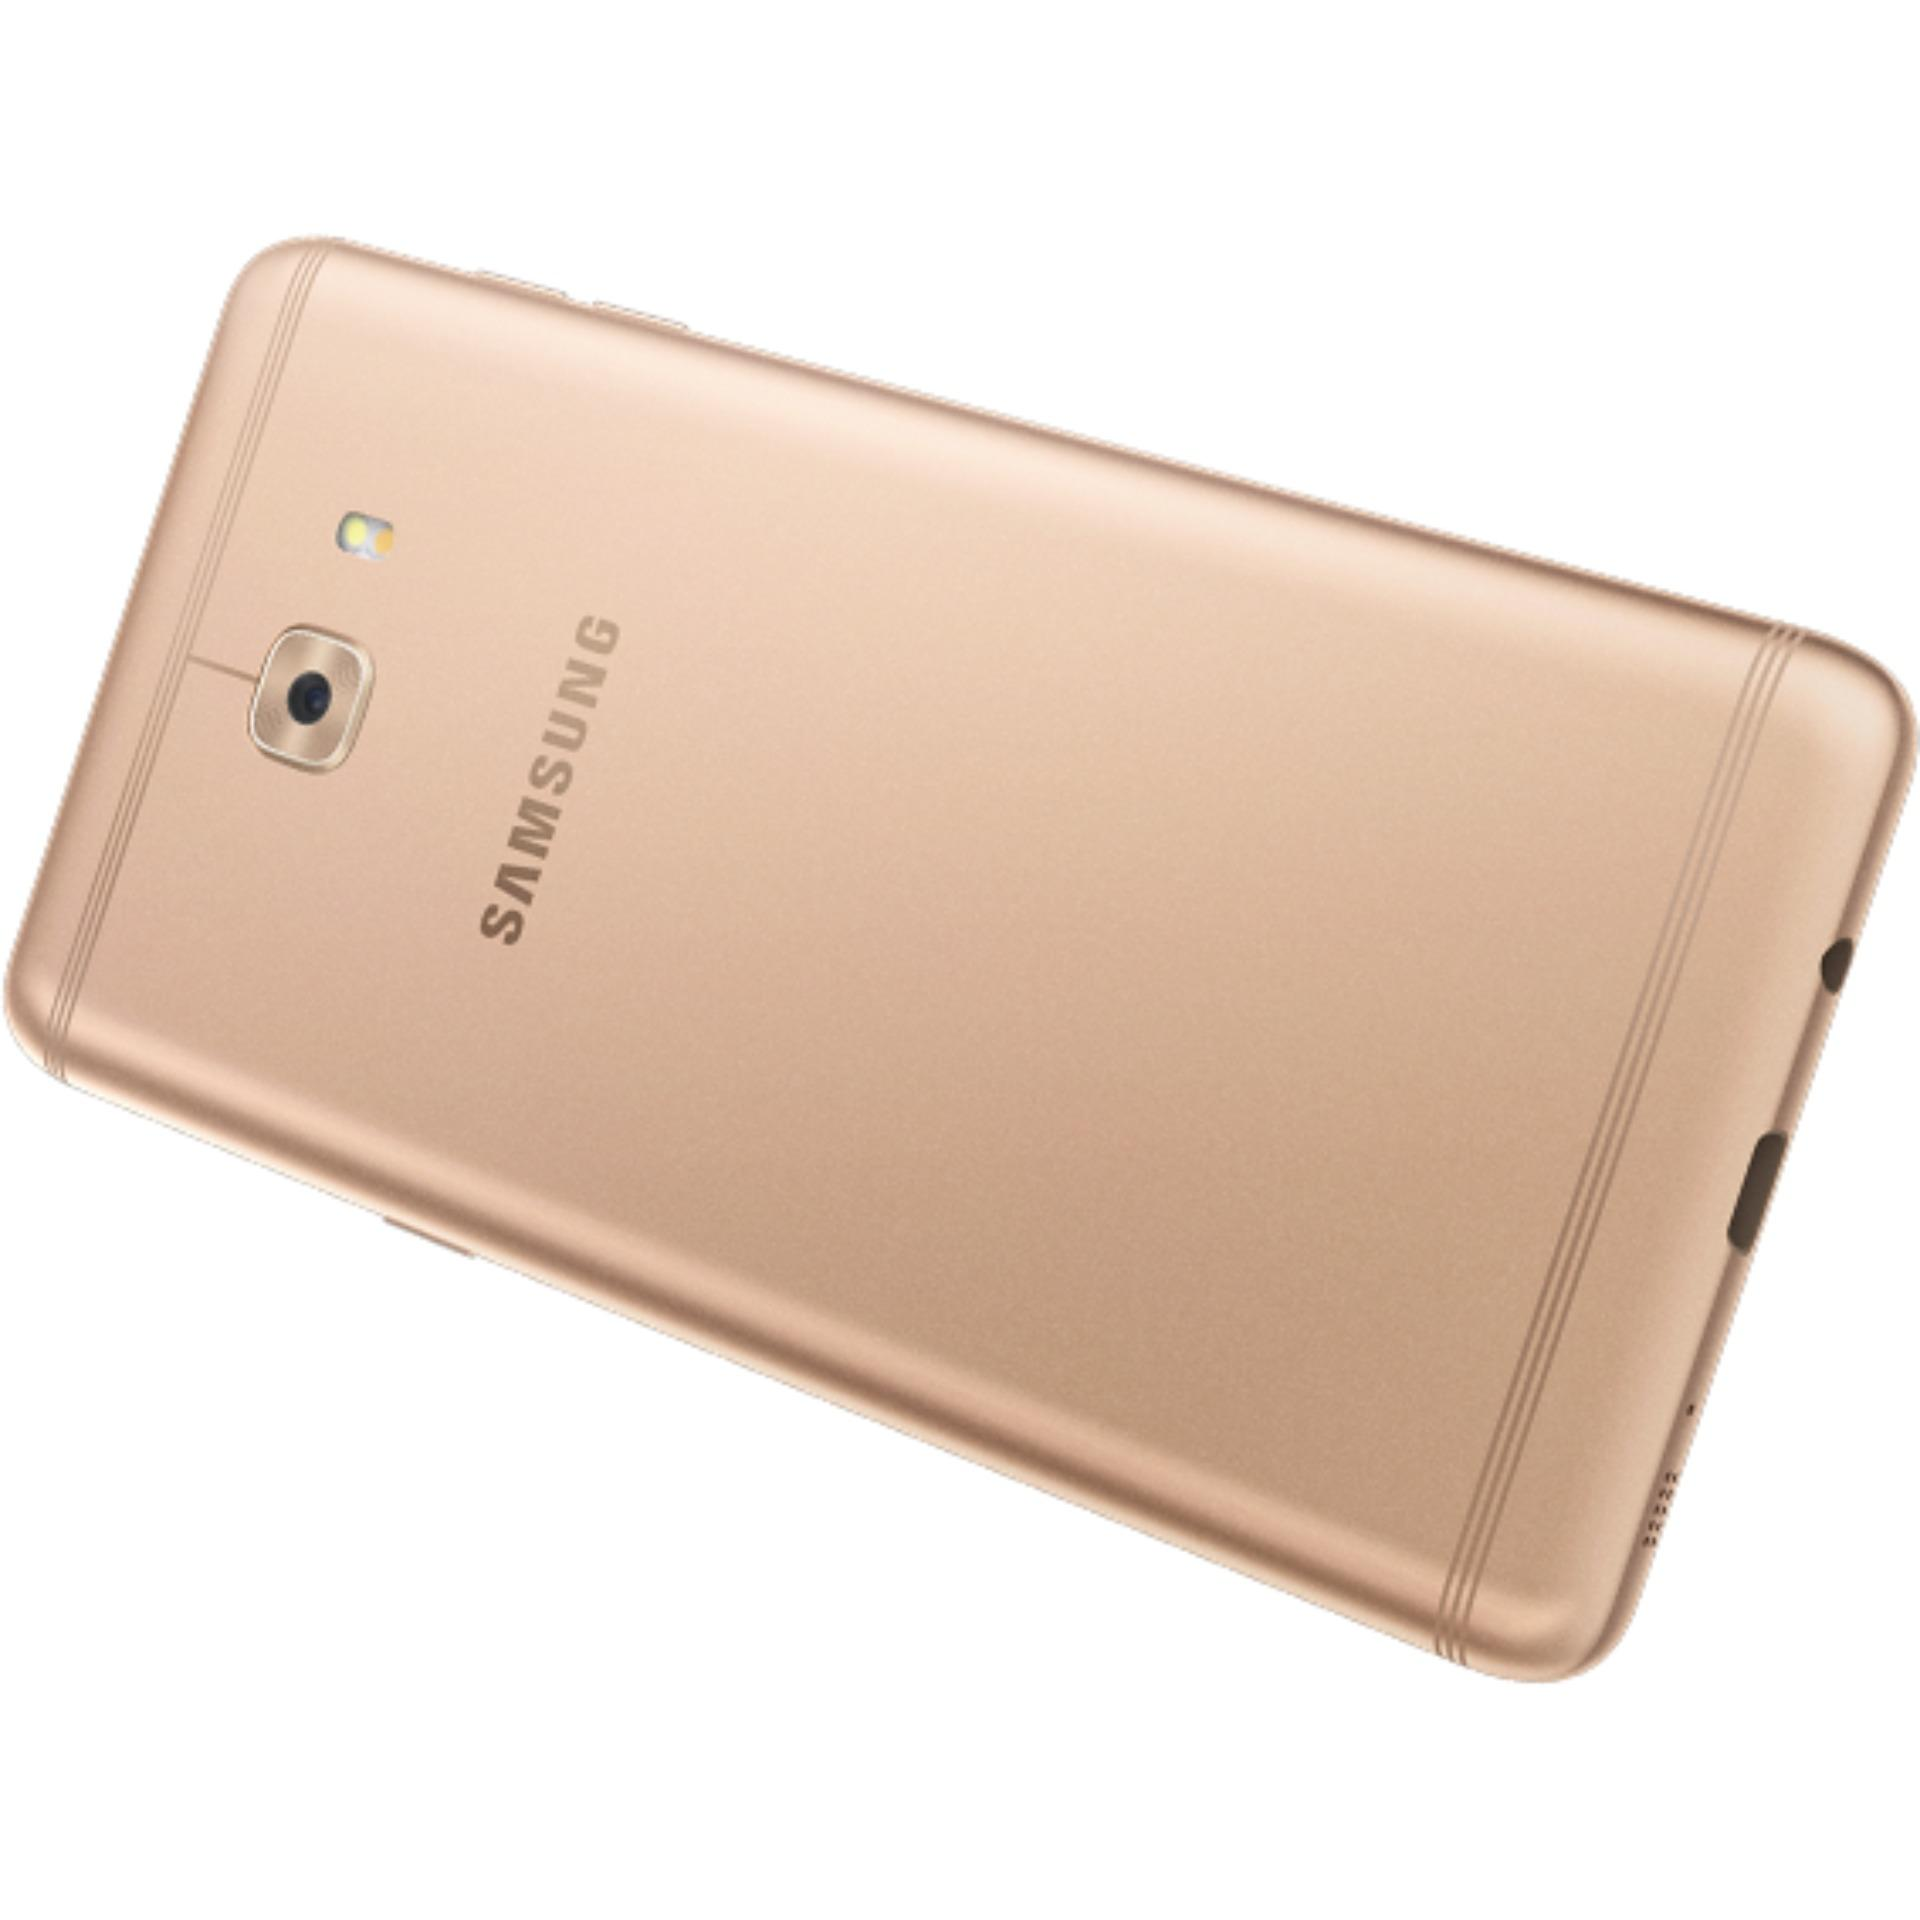 Pelacakan Harga Samsung Galaxy C9 Pro 6 64 Gb Gold Hot Deals C900